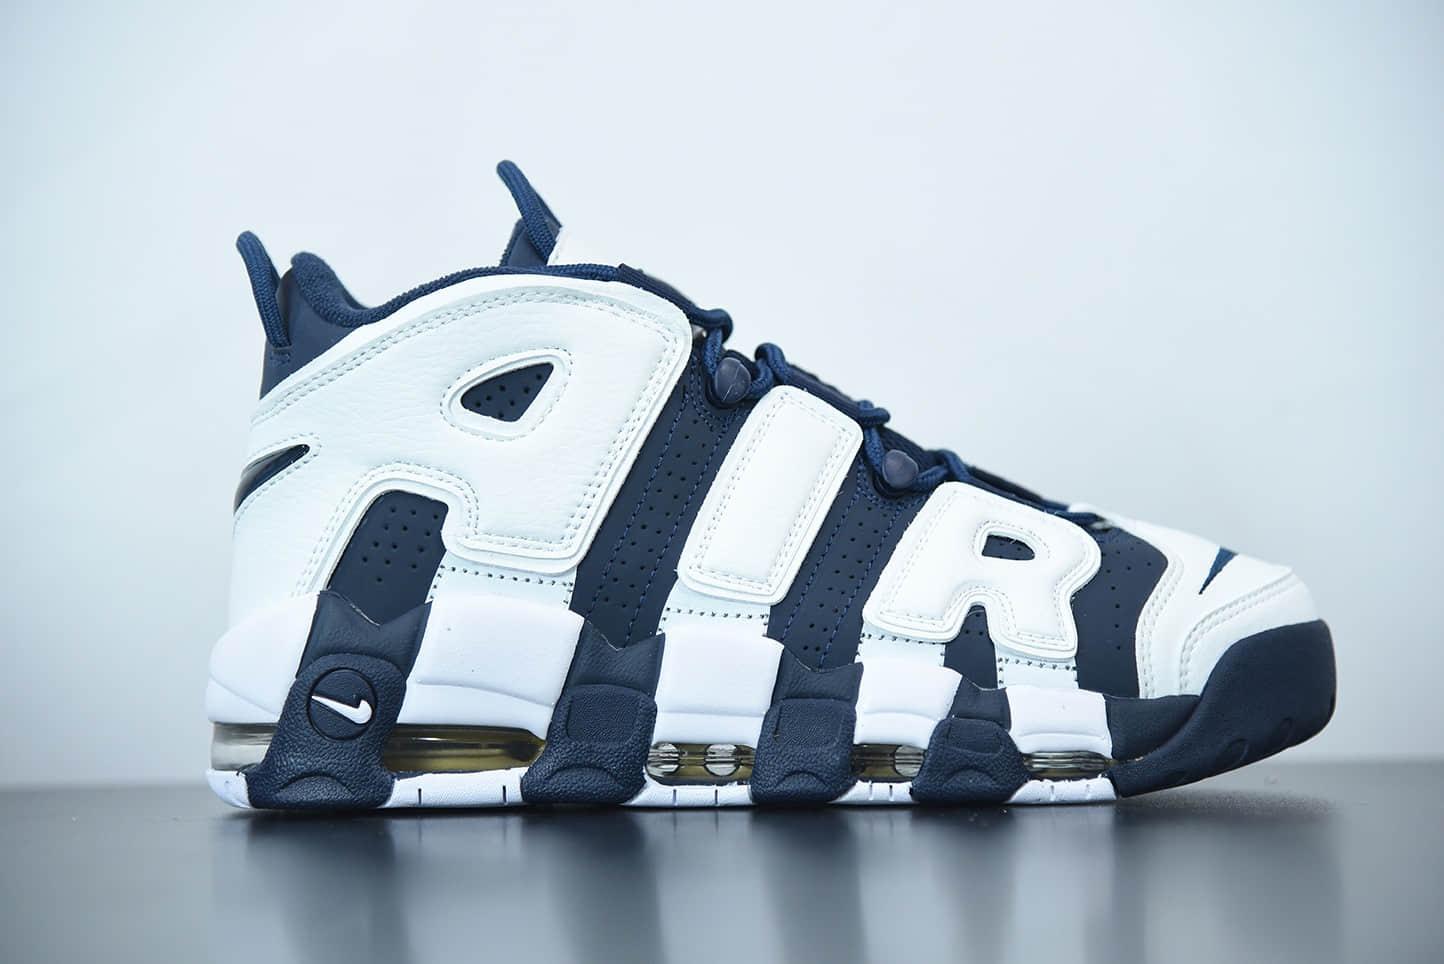 耐克 Nike Air More Uptempo大皮蓬白蓝篮球鞋纯原版本 货号:414962-104